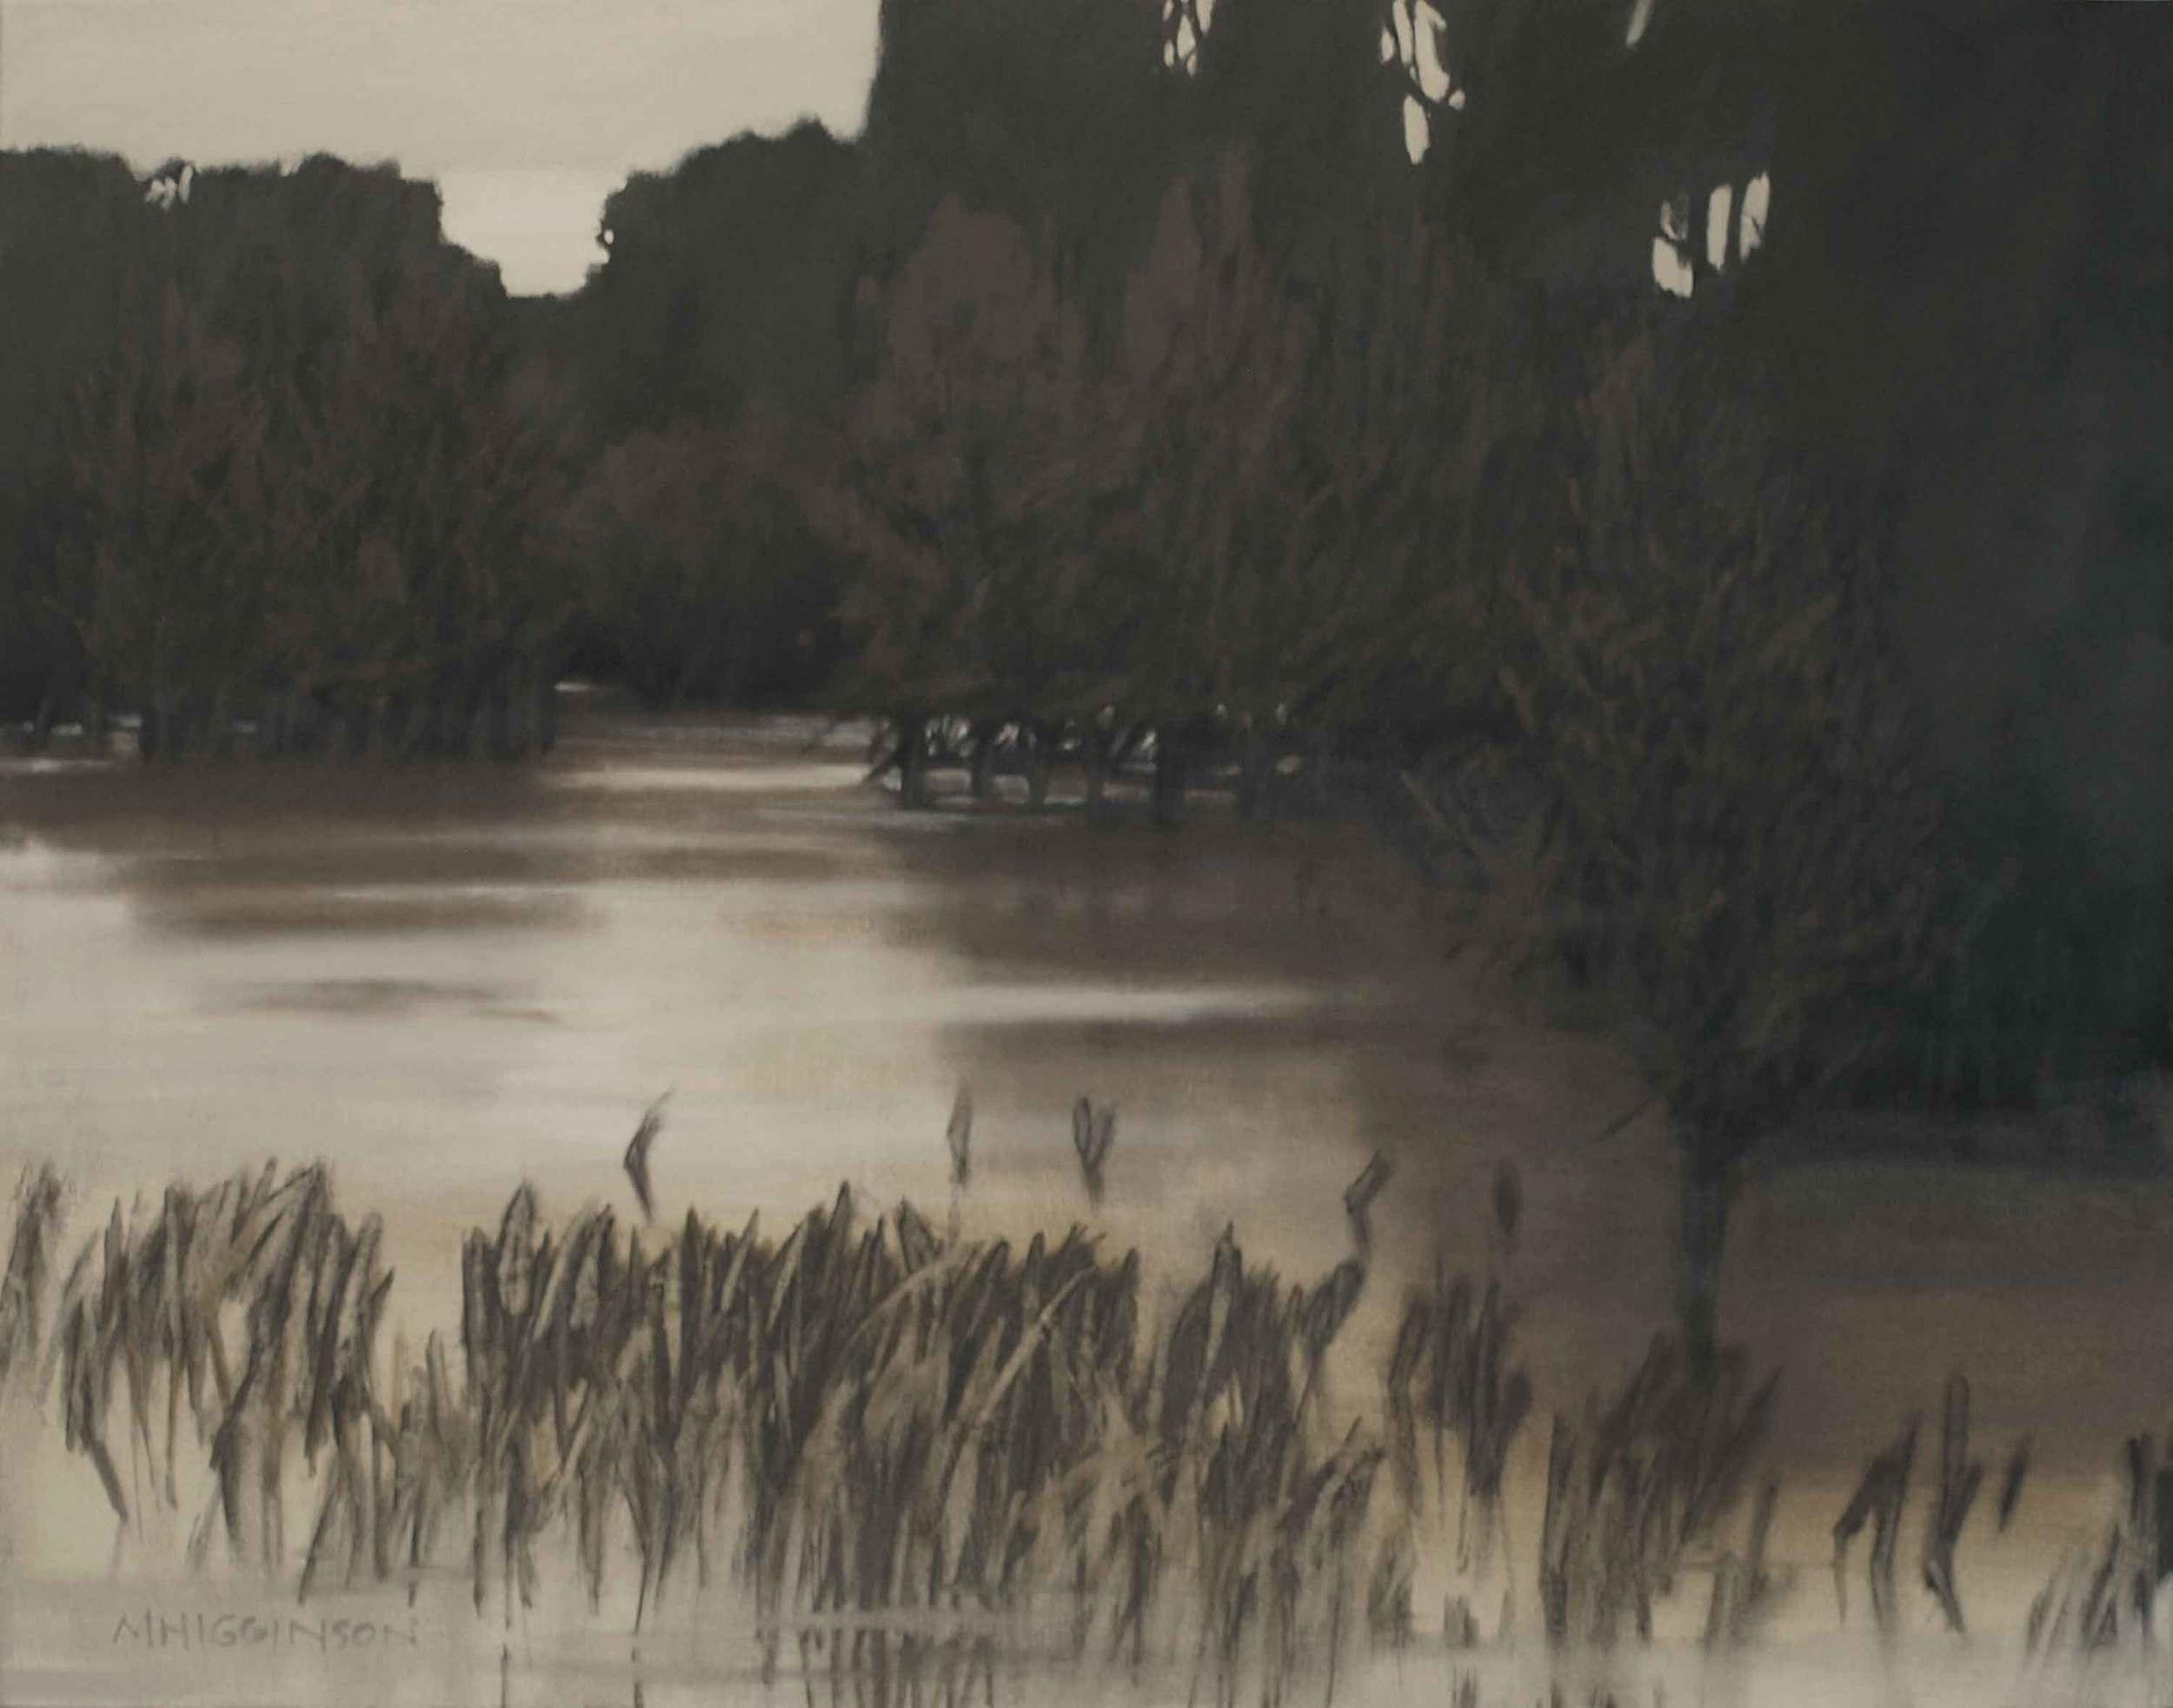 MHigginson_Flooded-Swale.jpg